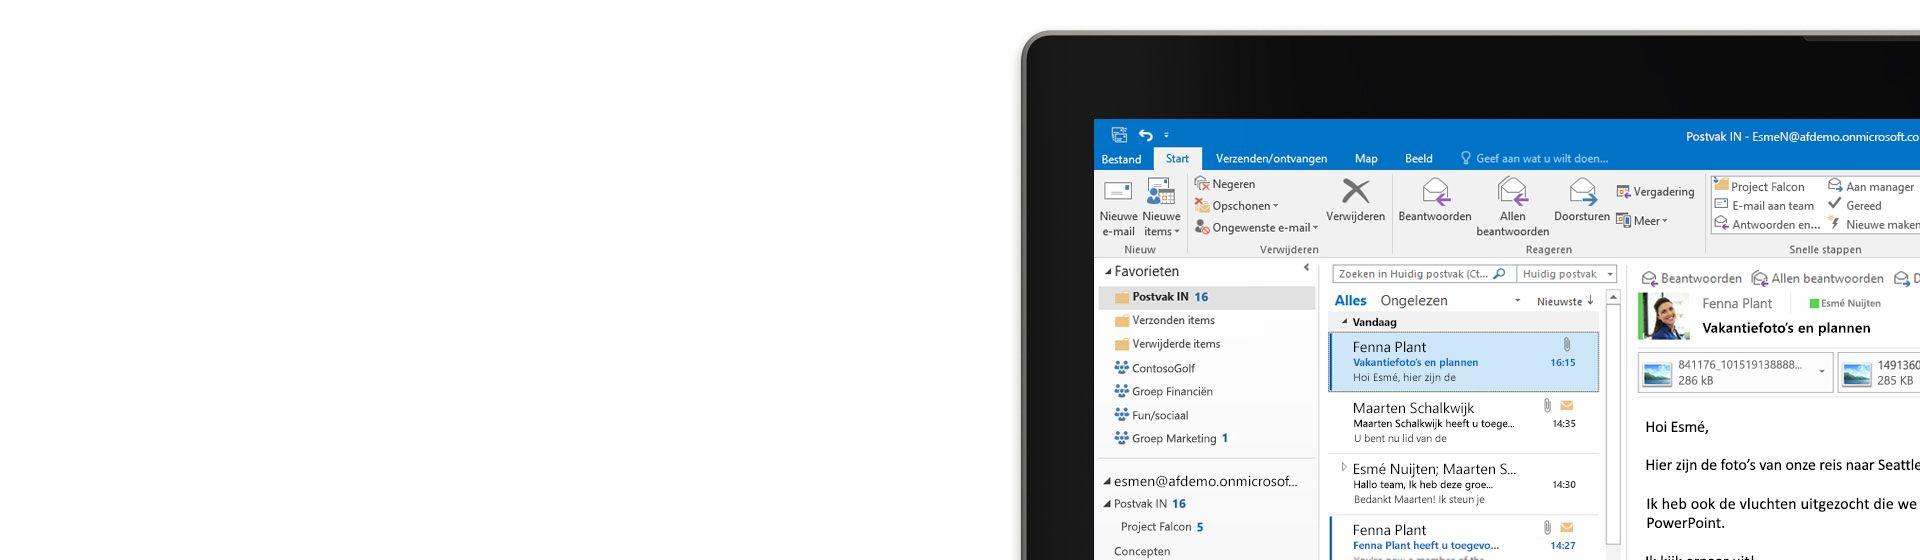 Gedeeltelijke weergave van de desktopversie van Microsoft Outlook